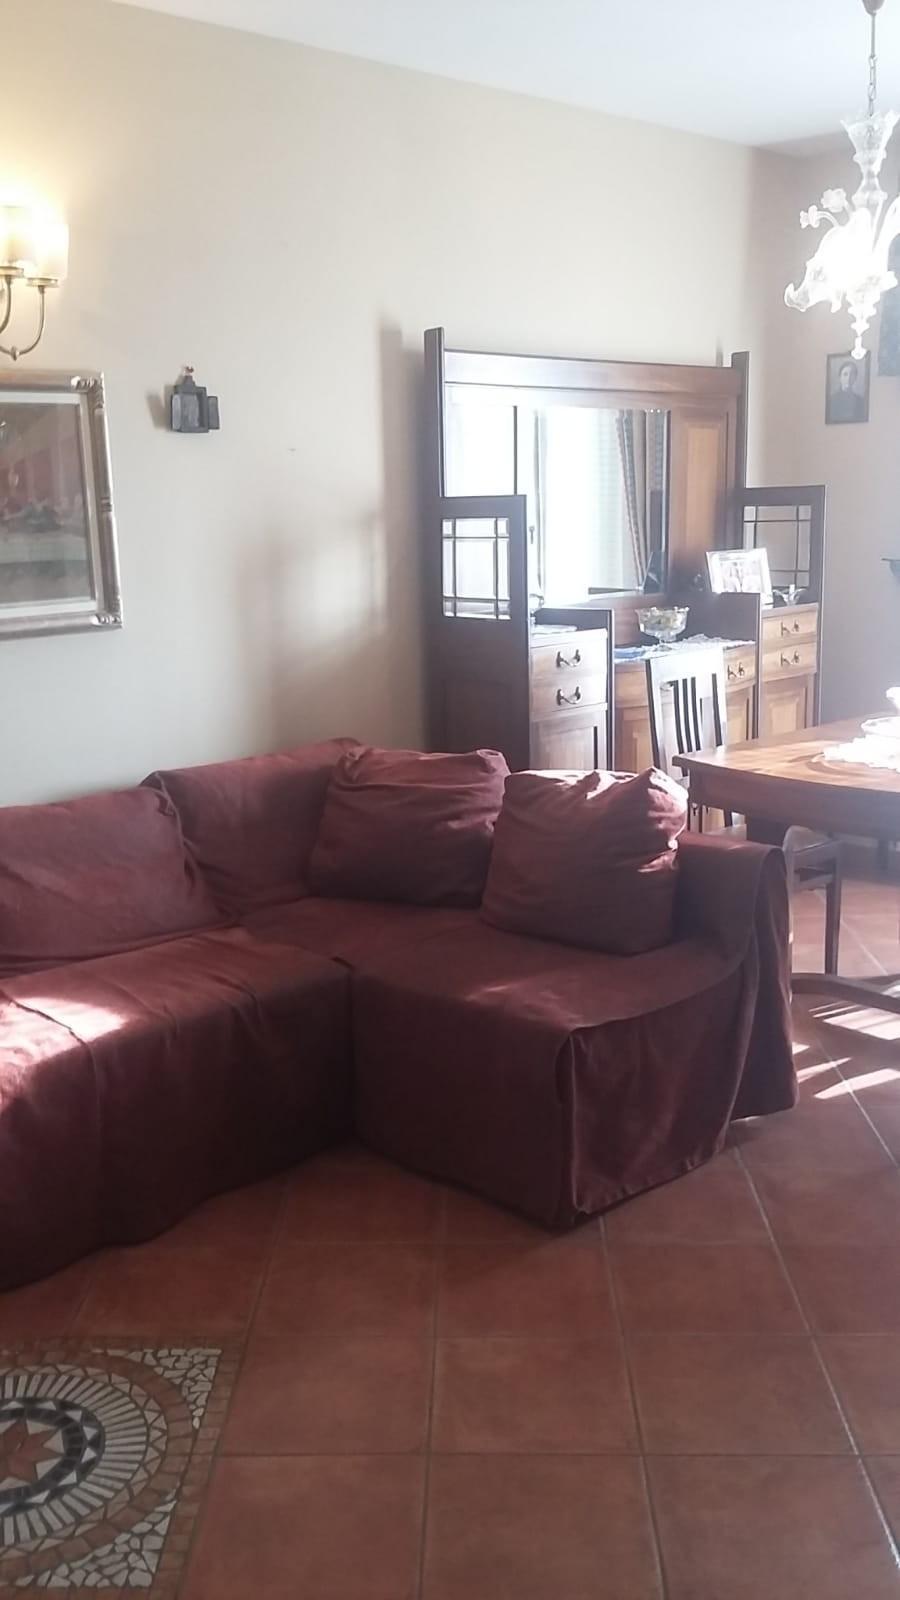 Appartamento in vendita a Montopoli in Val d'Arno, 5 locali, prezzo € 195.000 | CambioCasa.it